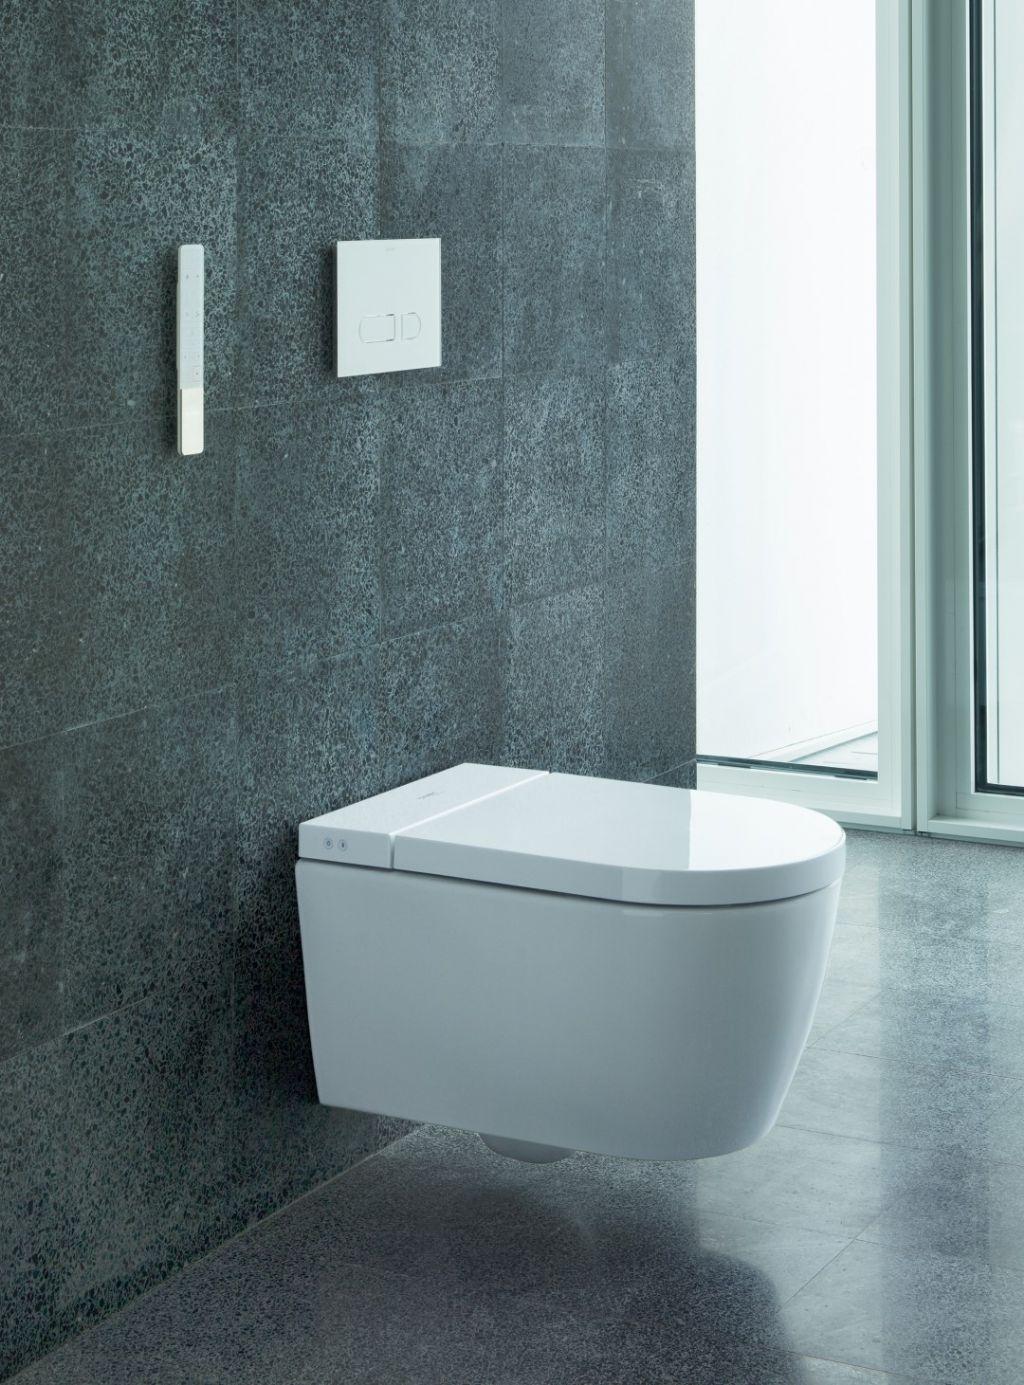 Avec le WC douche, plus besoin de papier toilette !